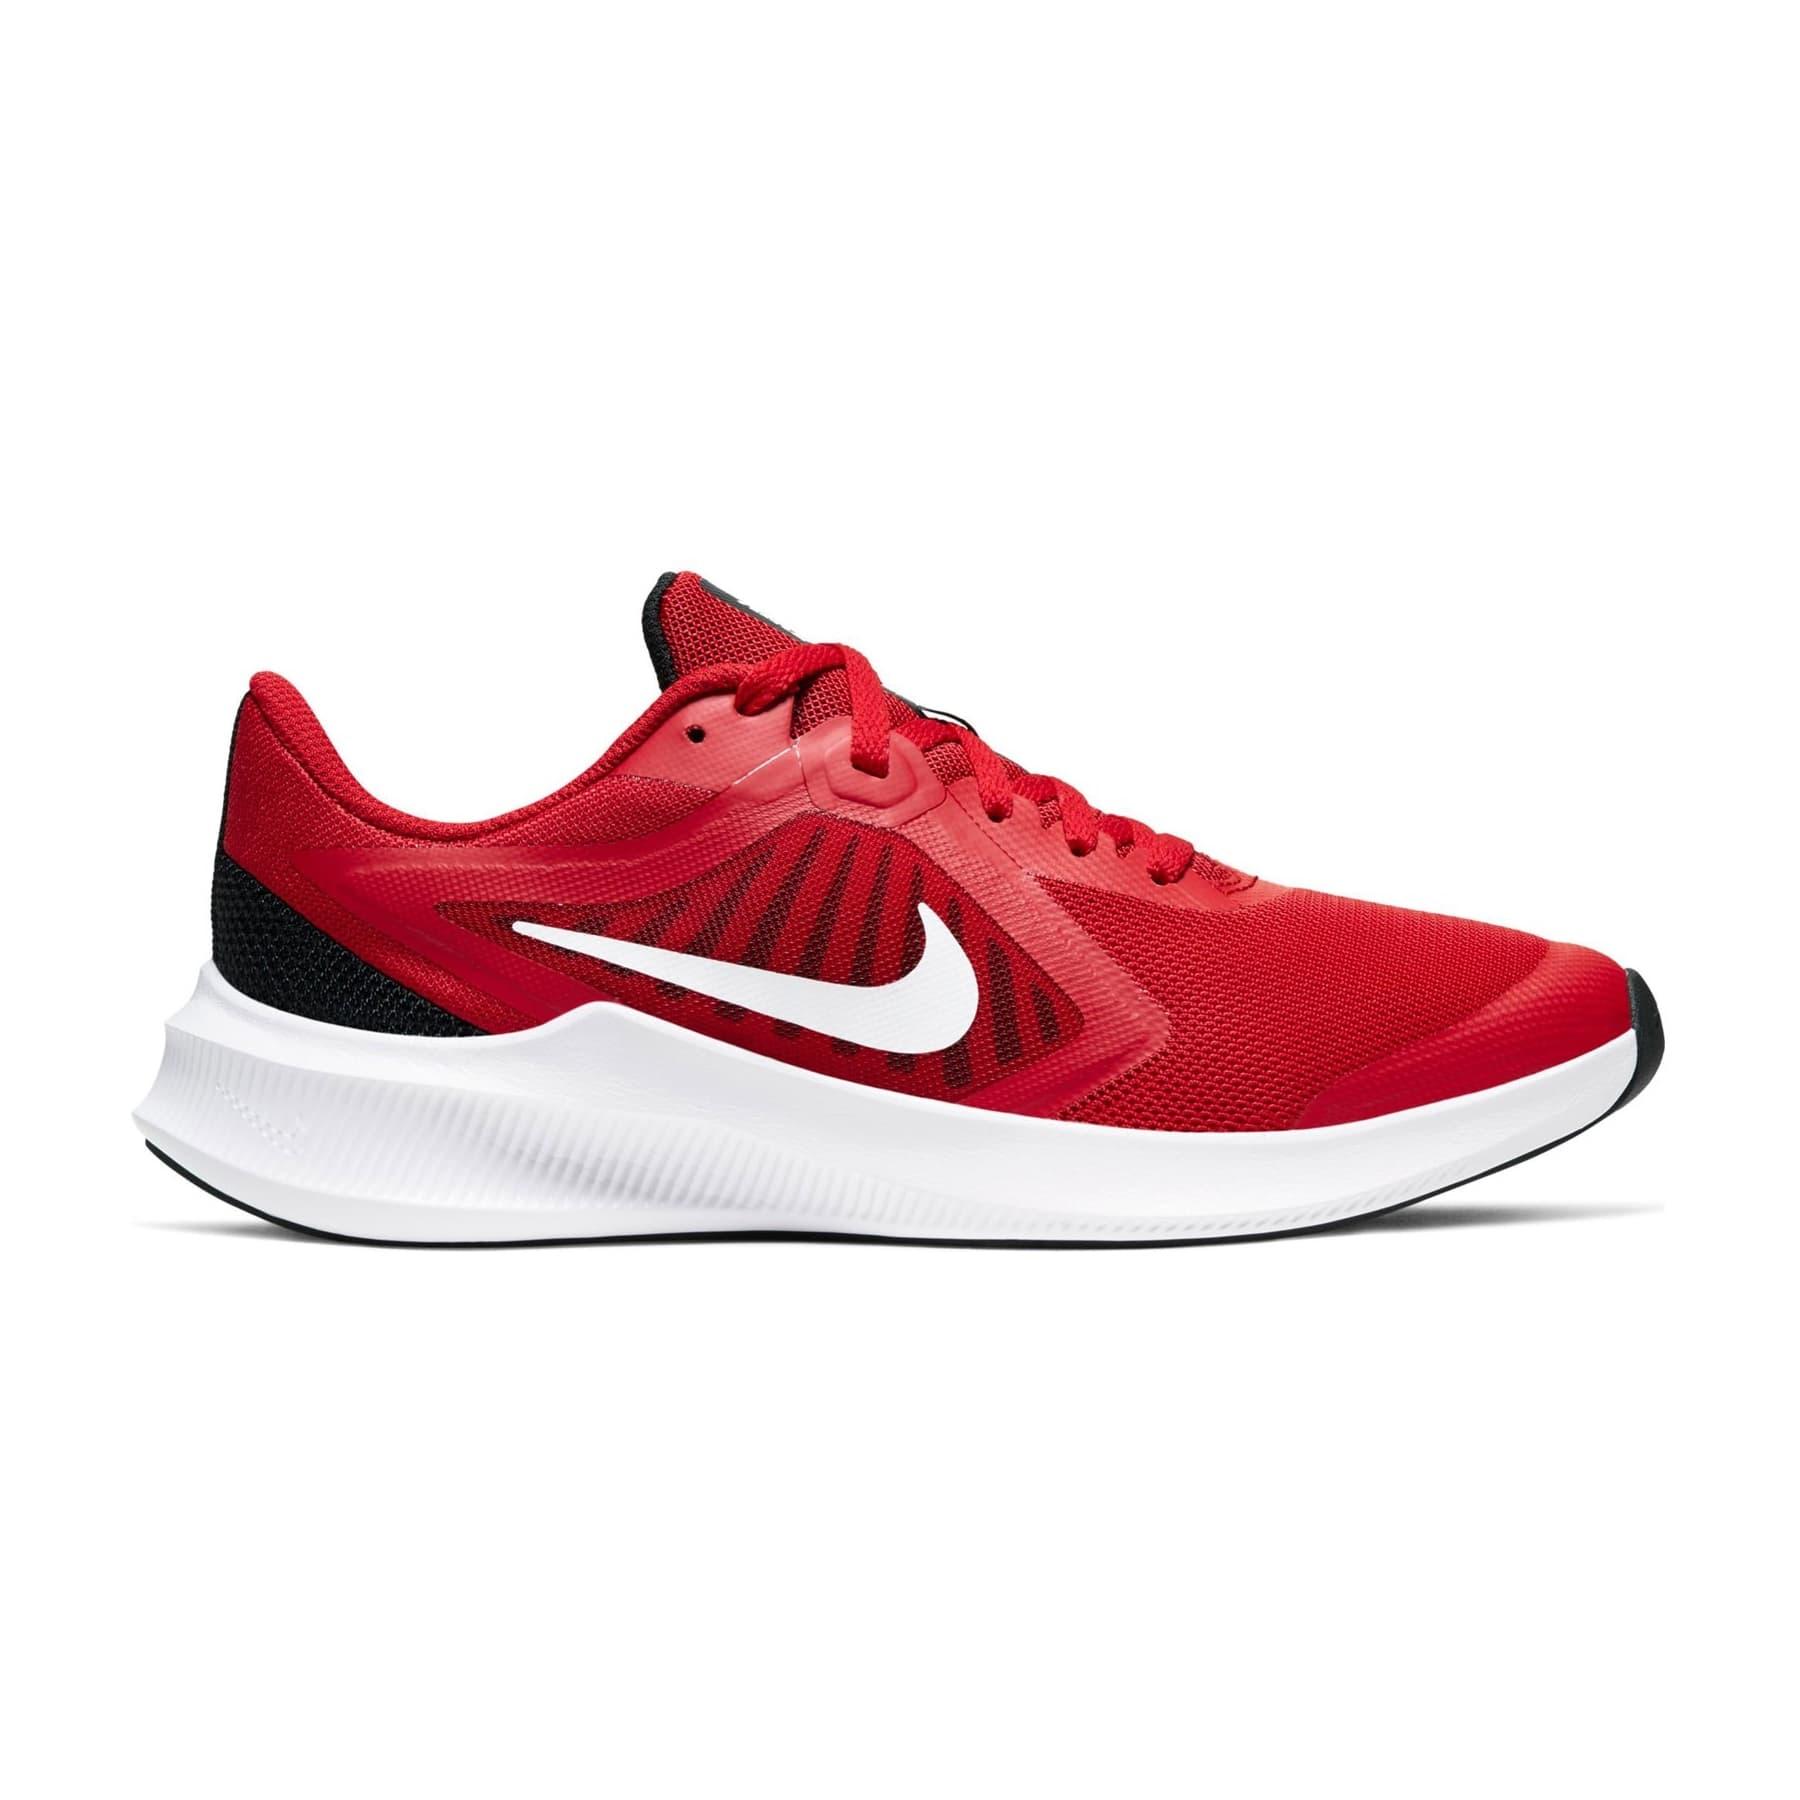 Downshifter 10 Kadın Kırmızı Koşu Ayakkabısı